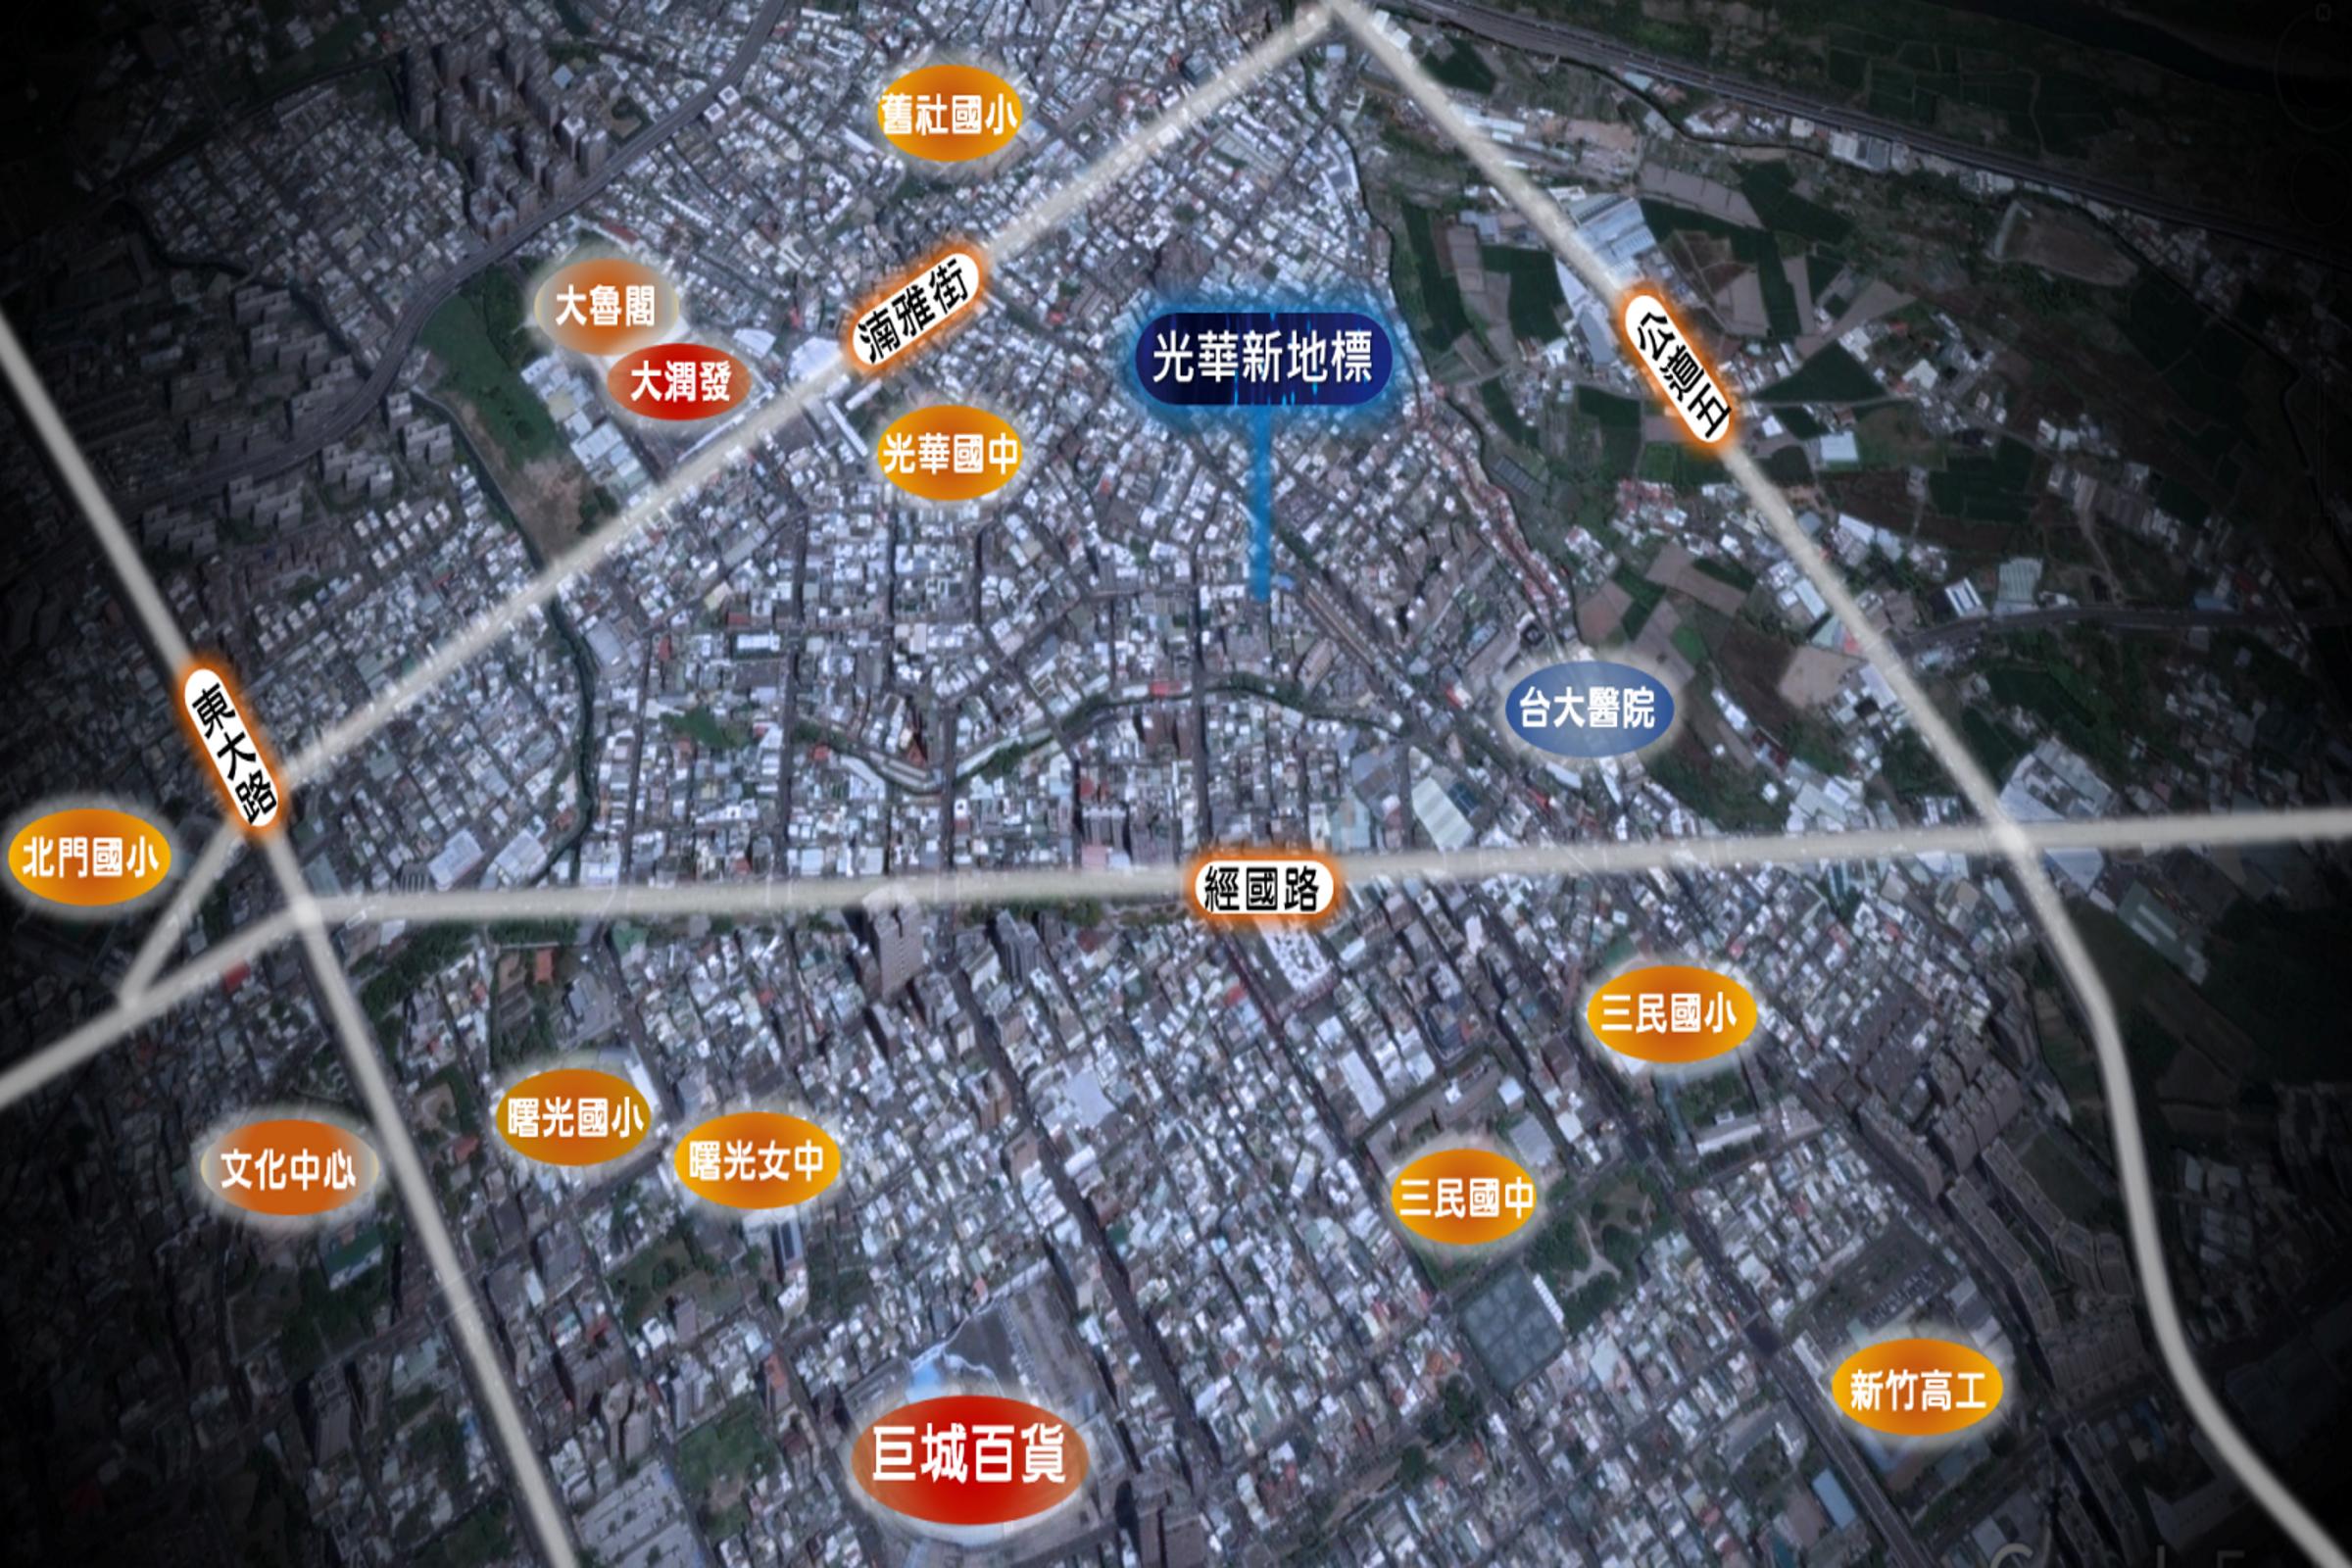 [新案快訊]昌益光華琚快訊20180420-1.png